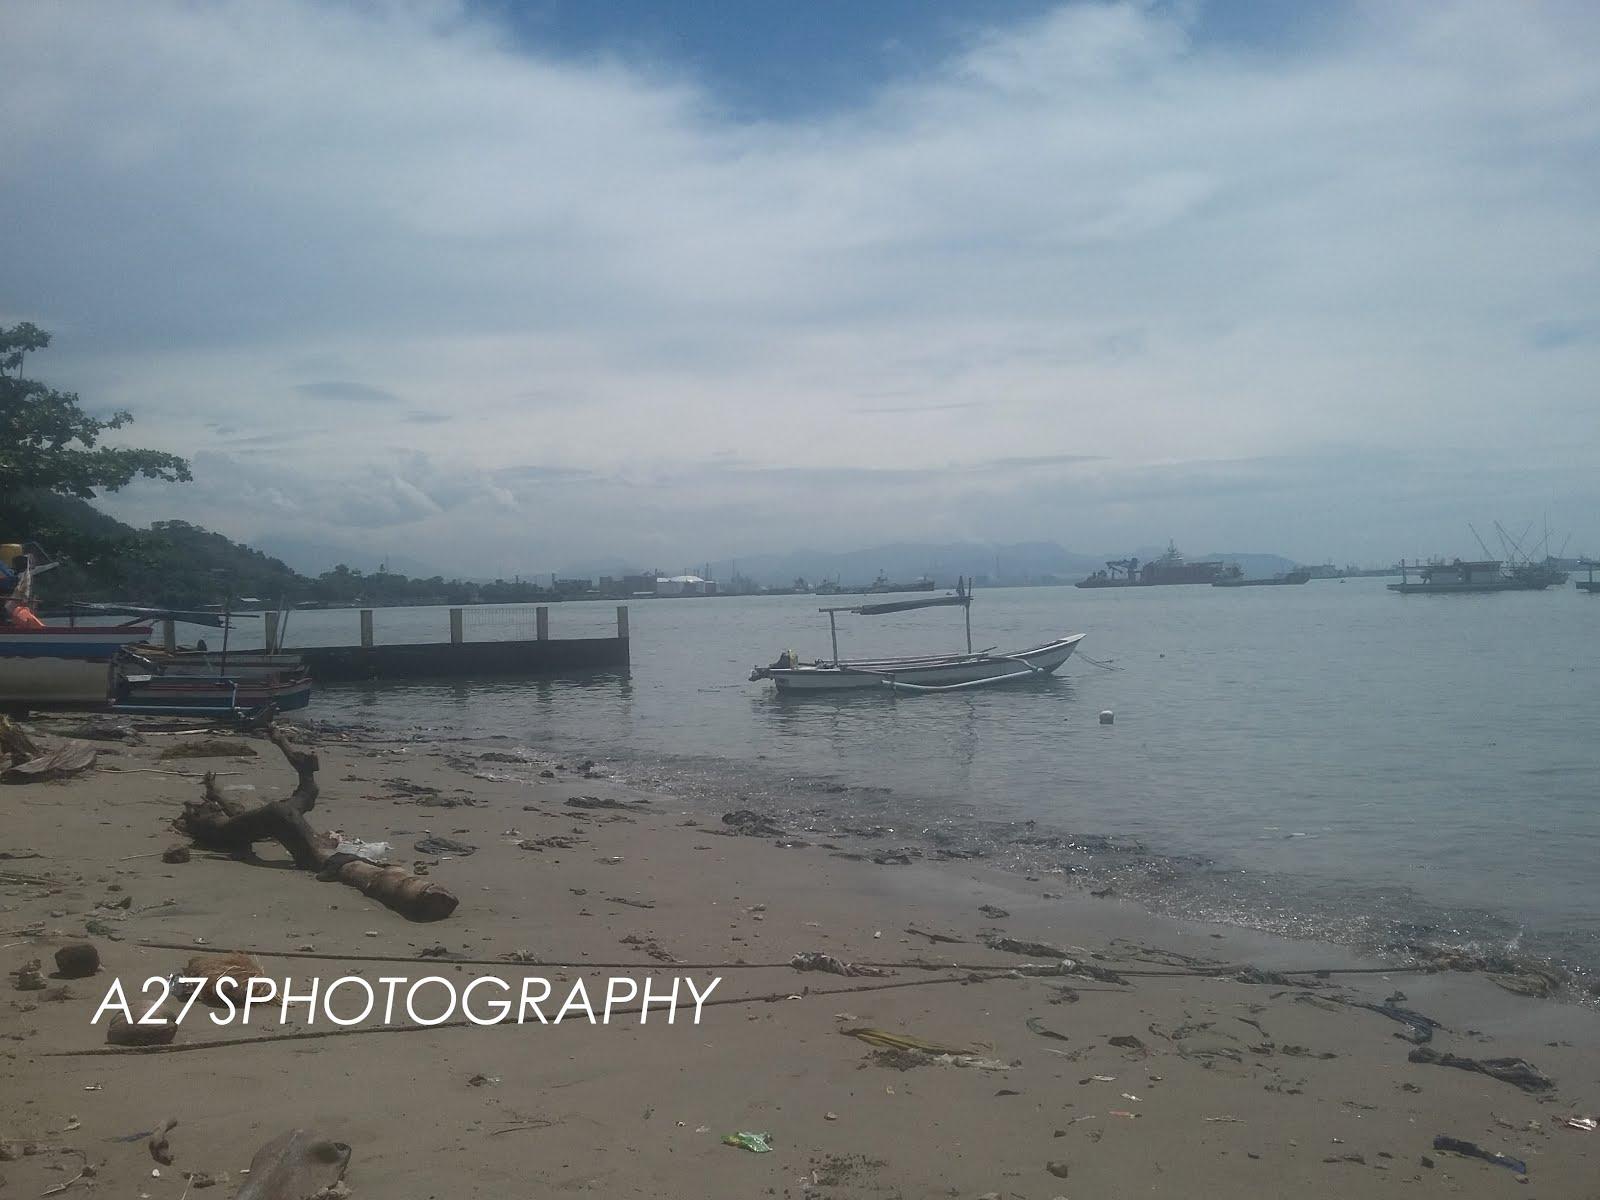 Pantai Mabak Menikmati Laut Sisi Kota Cilegon Travel Beach City